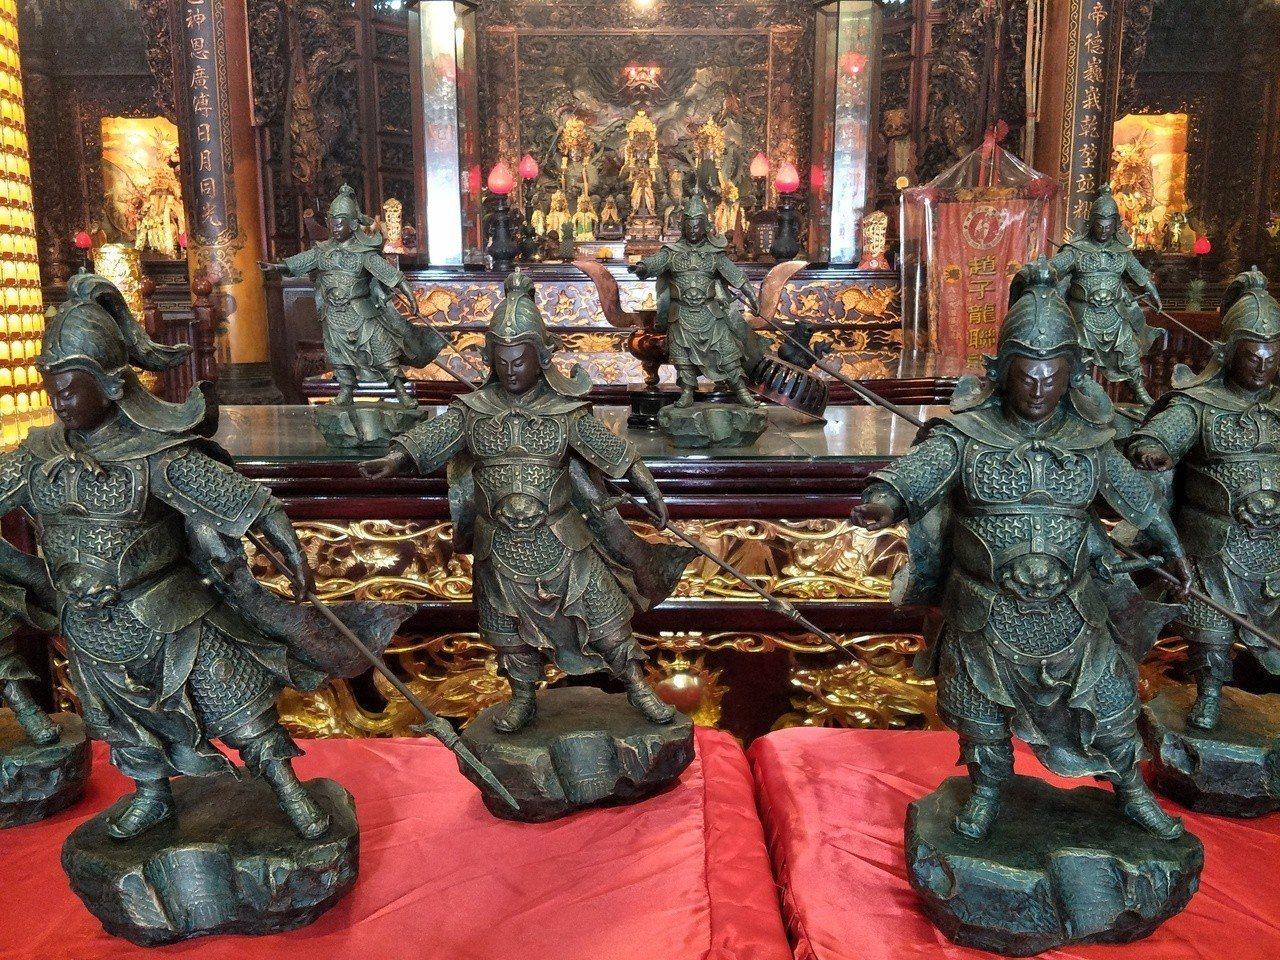 台南佳里子龍里永昌宮今發表趙子龍銅雕第二版「智勇雙全」。記者謝進盛╱攝影